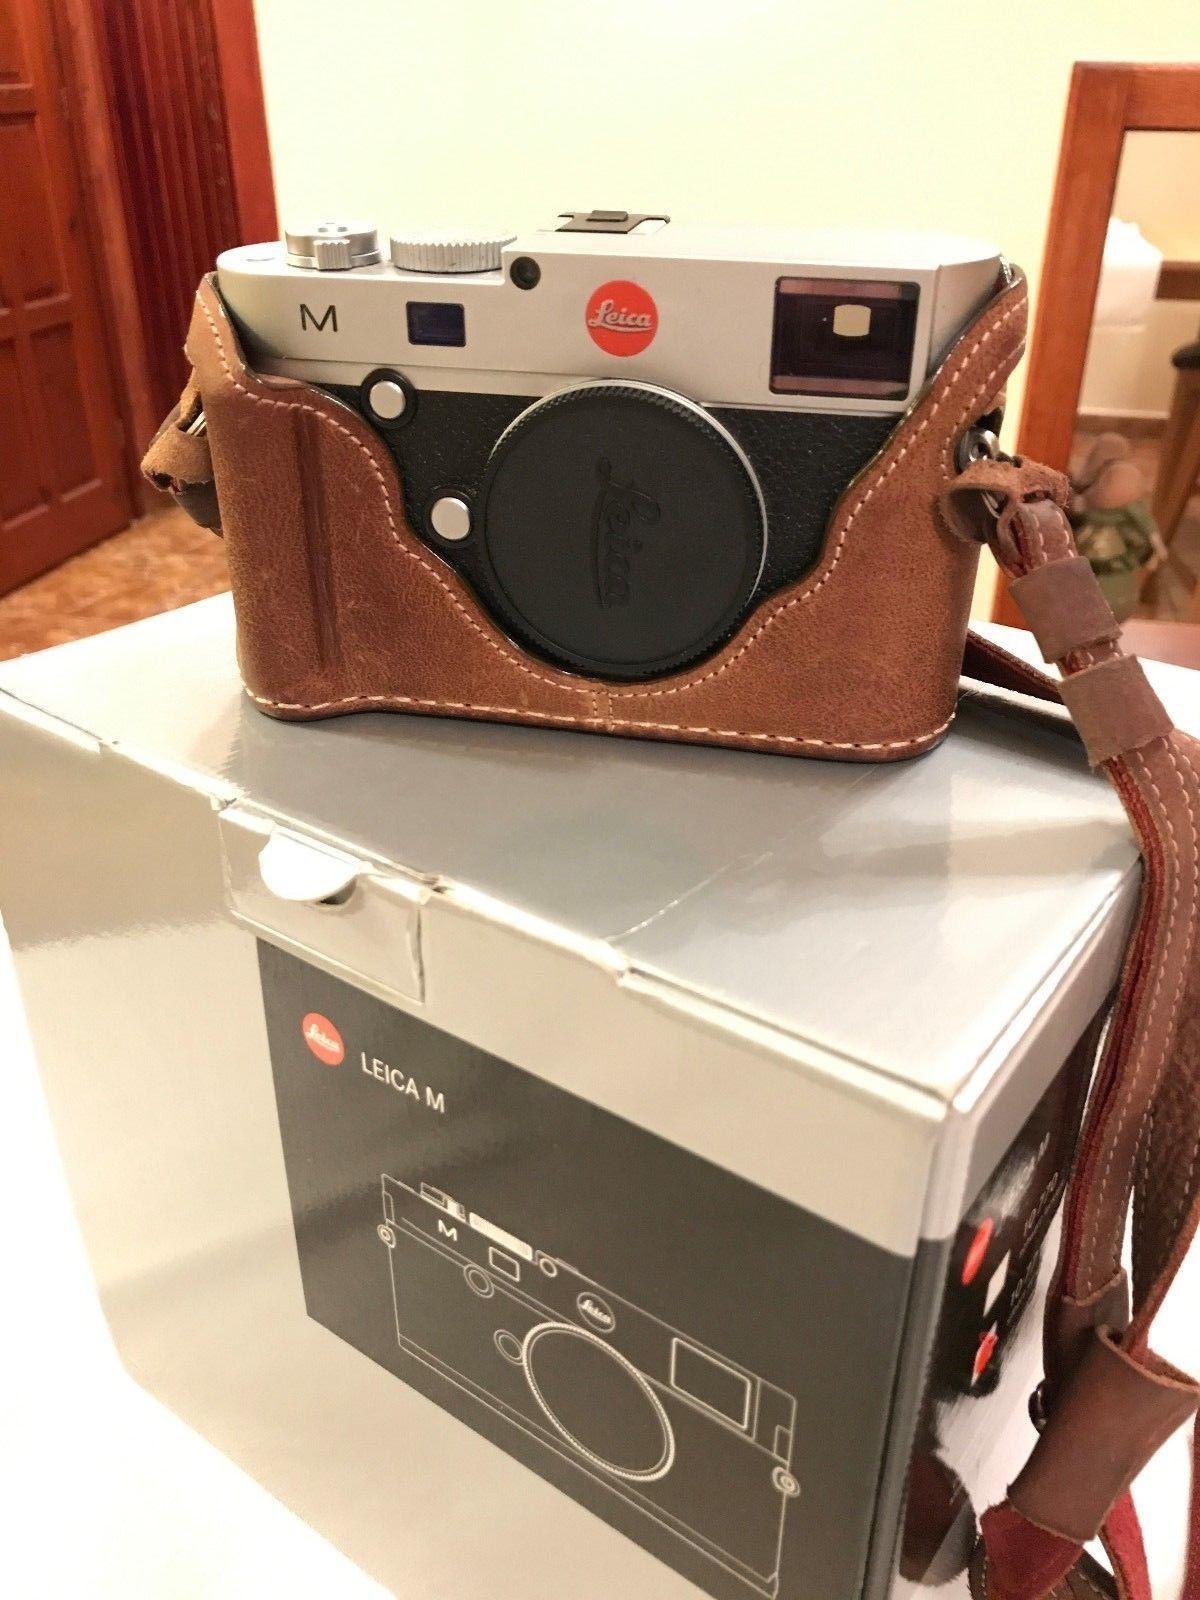 Leica M 240 silber 10771 M240 mit Zubehörpaket Luigi Case - Topzustand